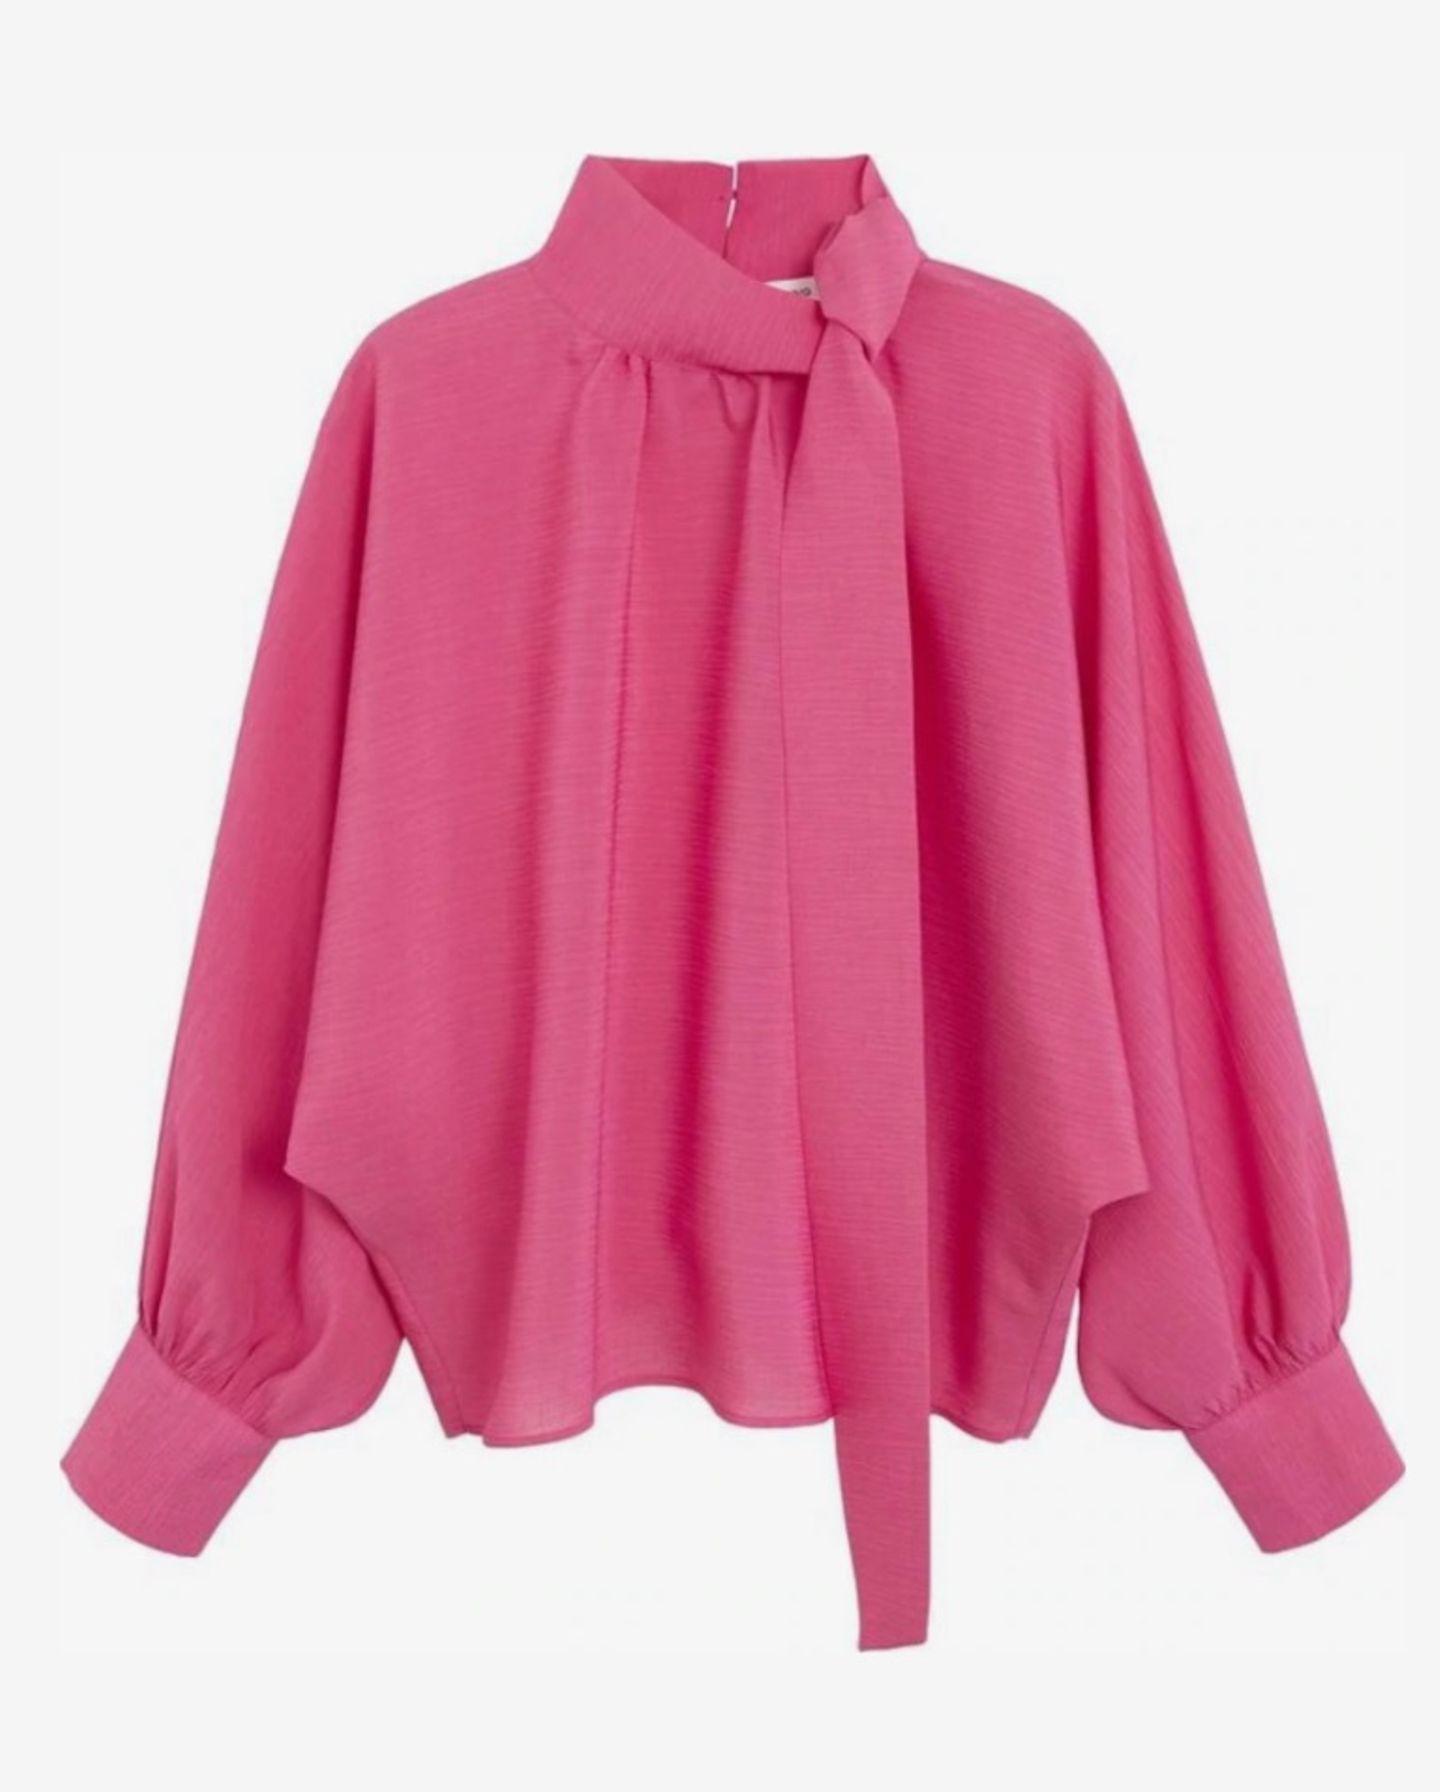 Frühlings-Bluse: Pinke Bluse mit Schleife